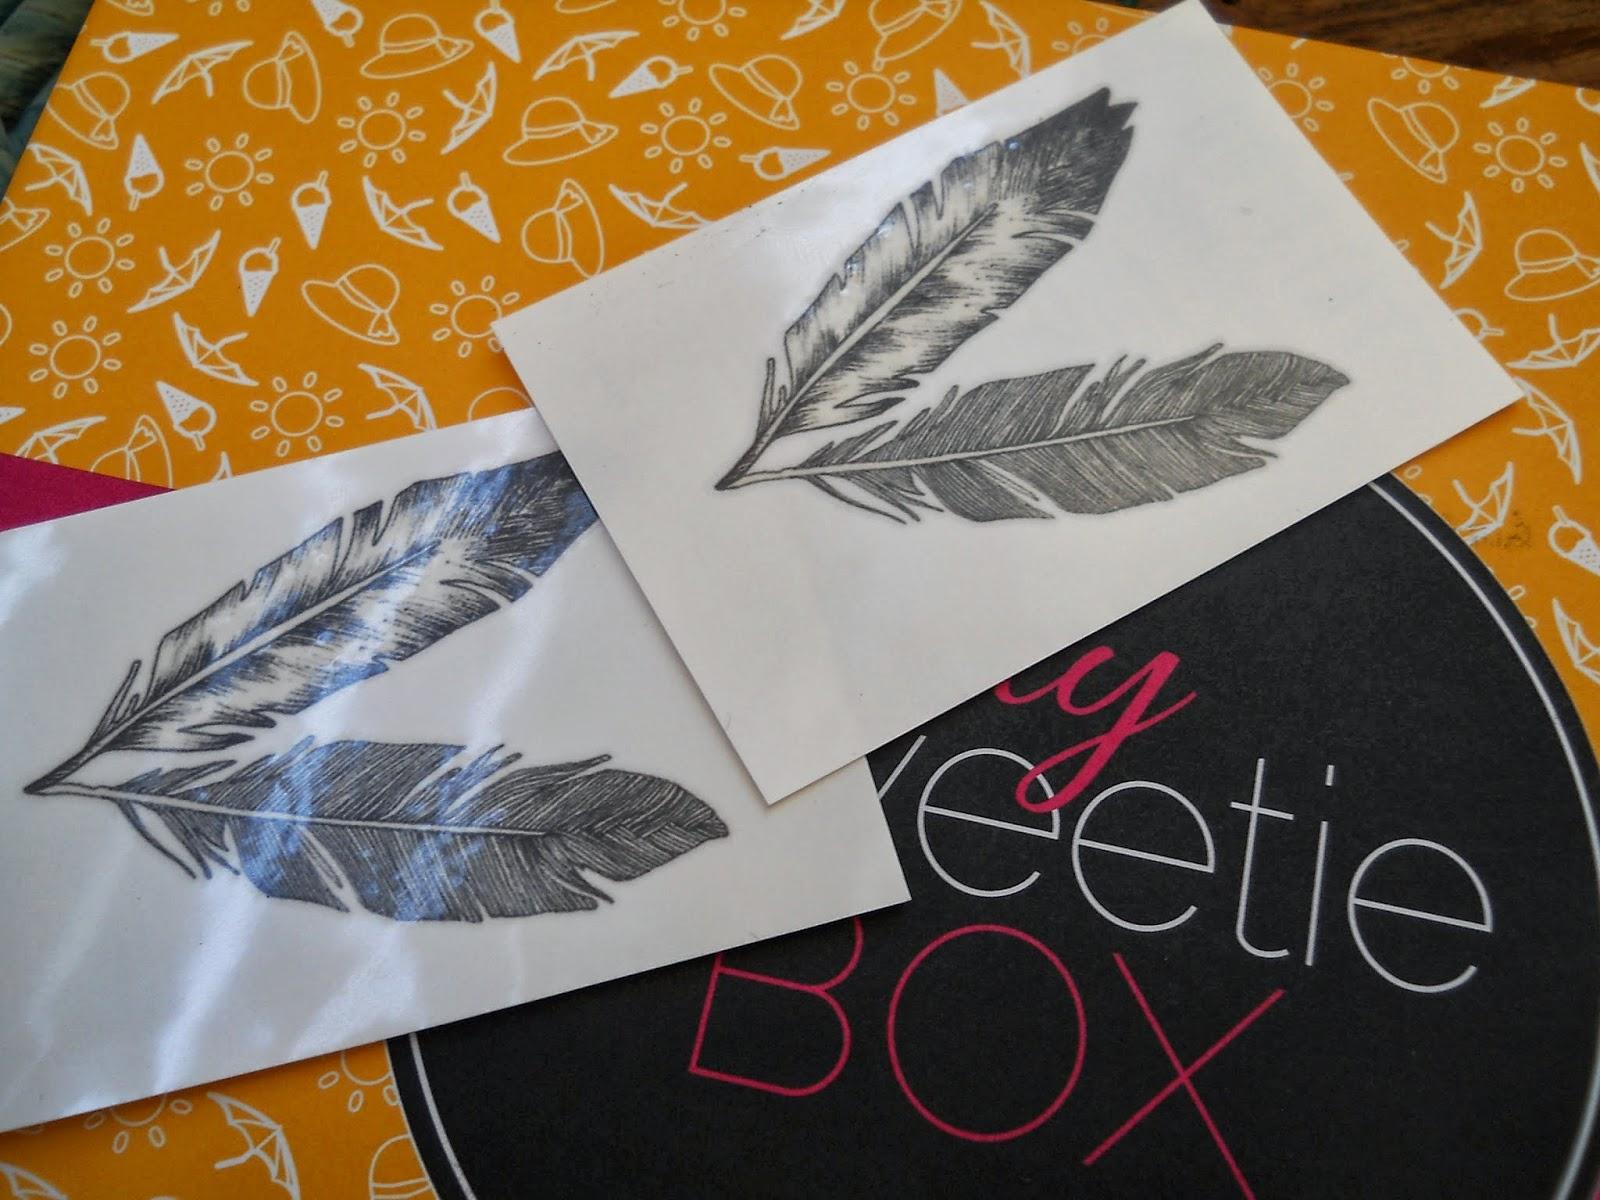 Créer Son Tatouage En Ligne Gratuit - Tatoupourtoi Logiciel gratuit simulation tatouage!